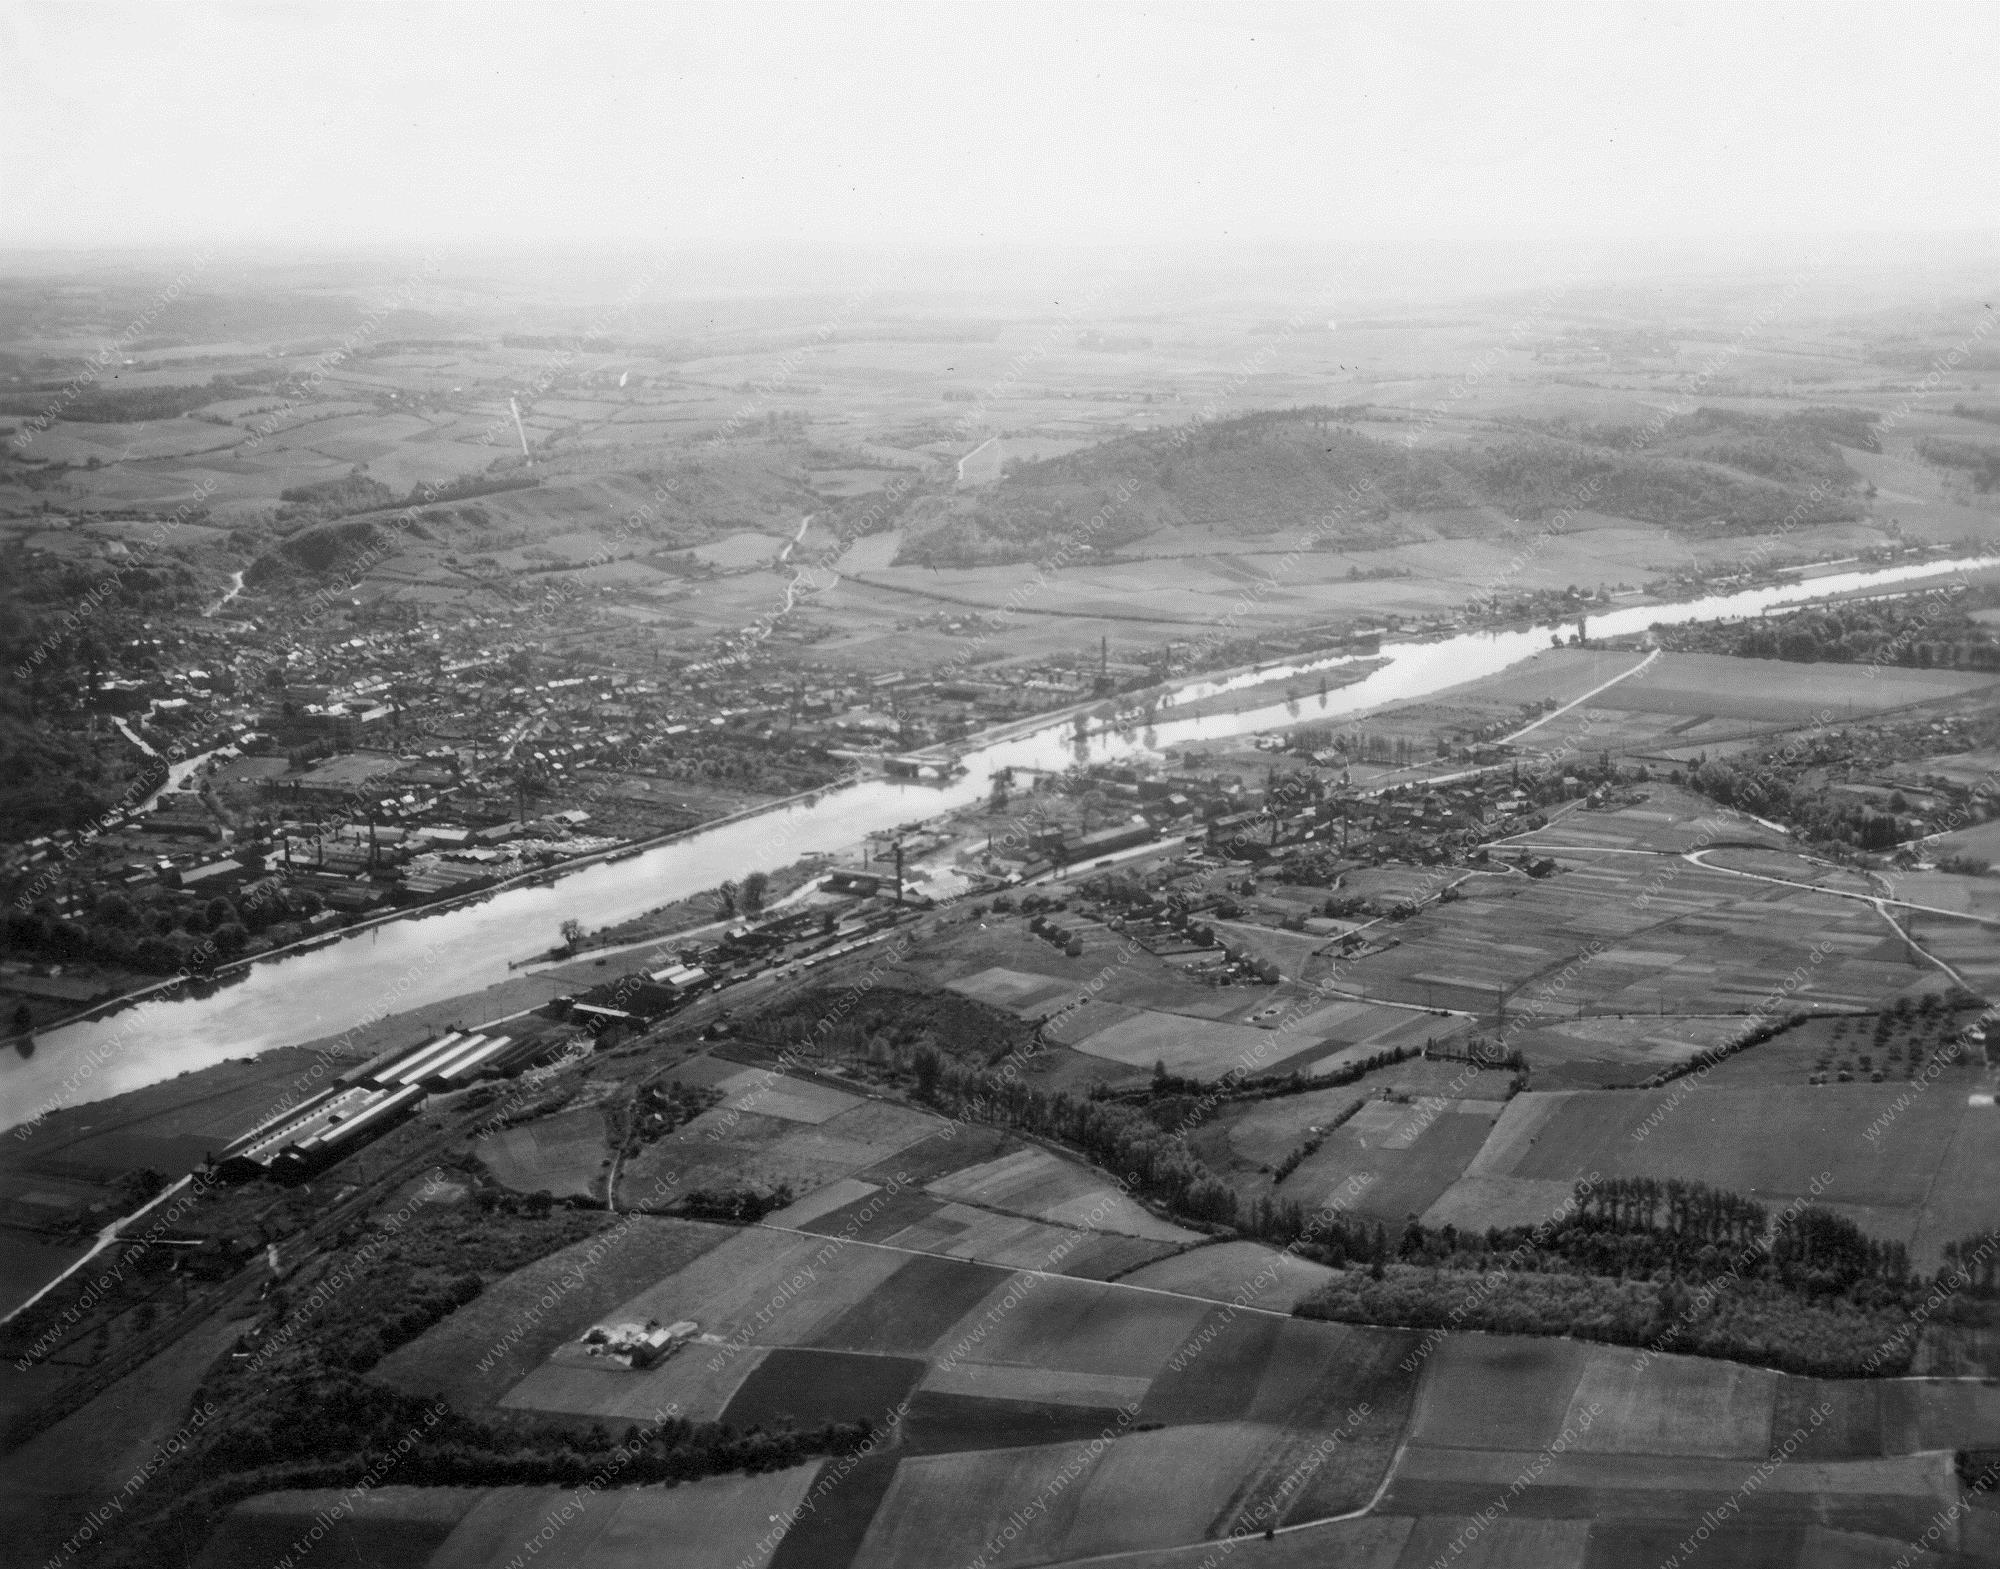 Luftbild von Andenne an der Maas Mai 1945 (Belgien)